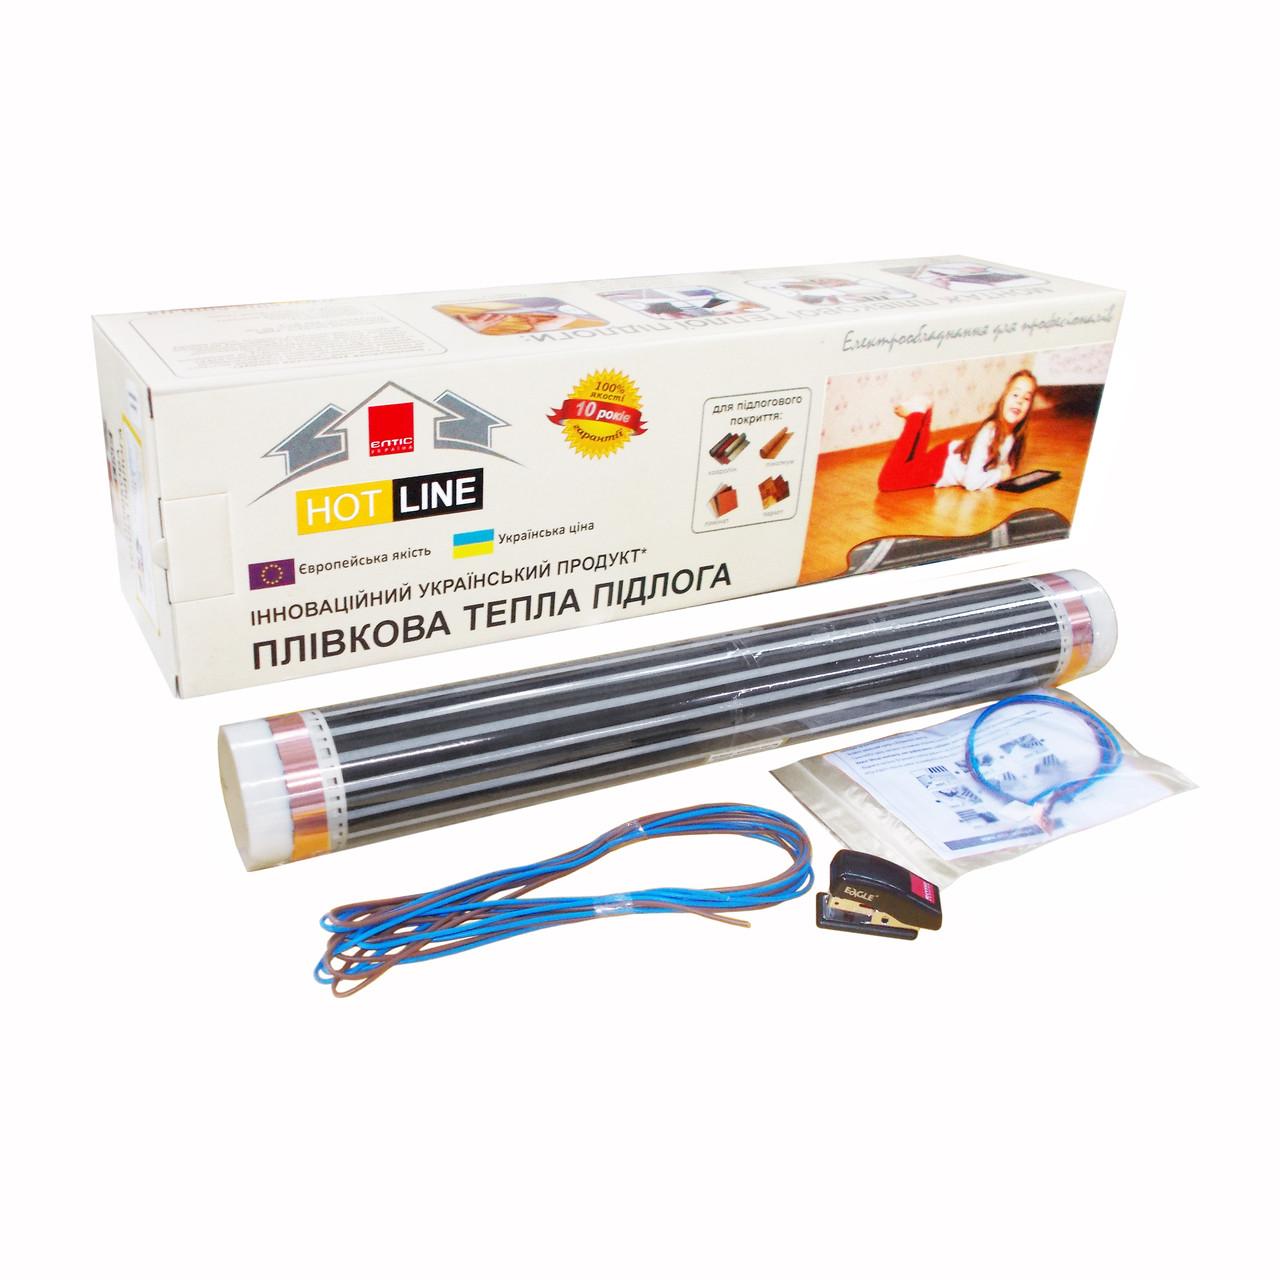 Пленочный пол HOT LINE ПП-8 (0,5х16м) Элтис Украина